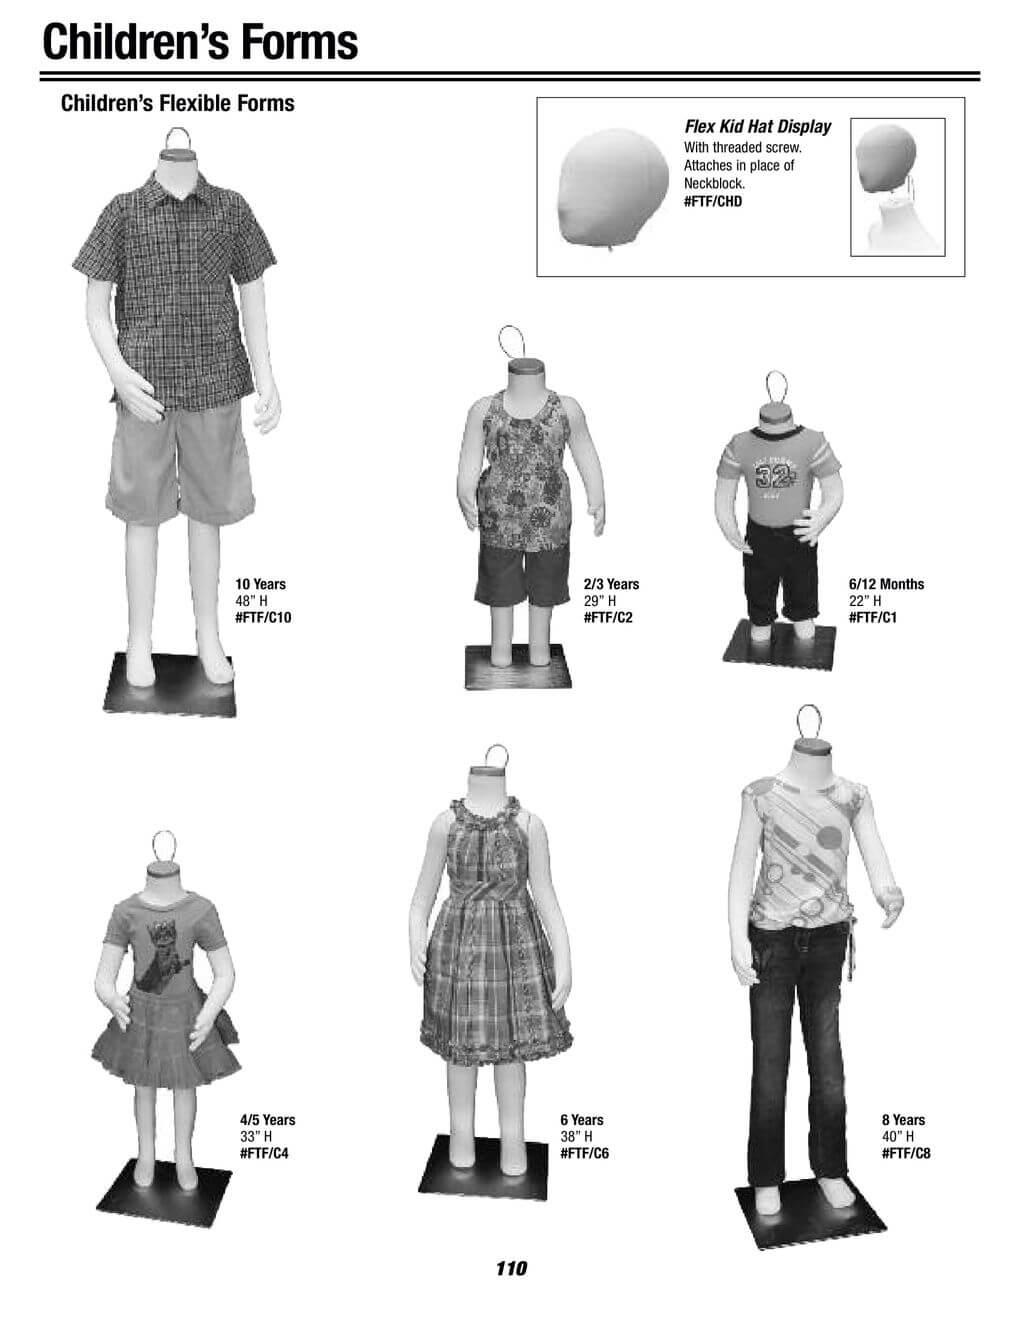 children's forms